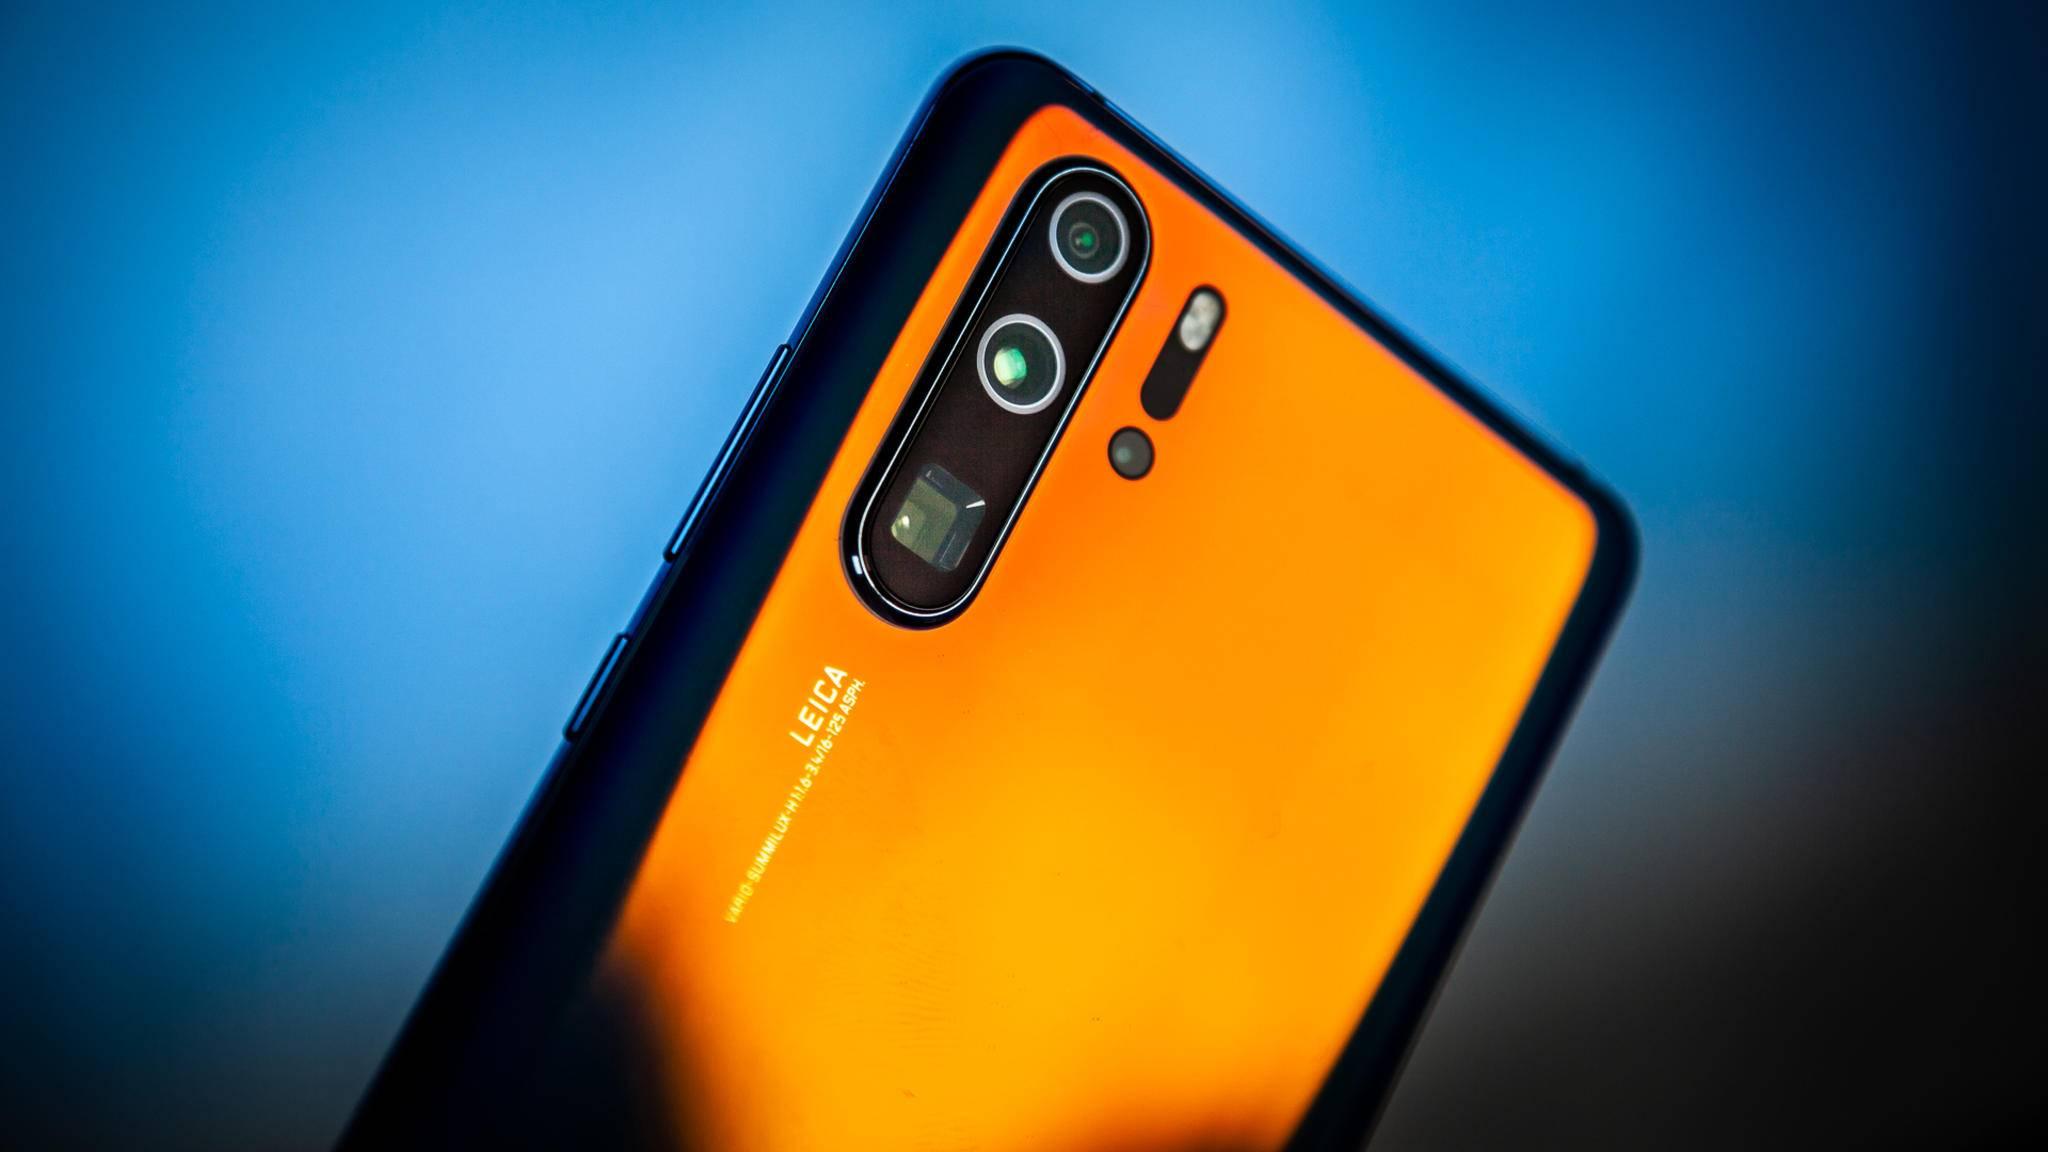 Huawei-Smartphones wie das P30 Pro erhalten Android 10.